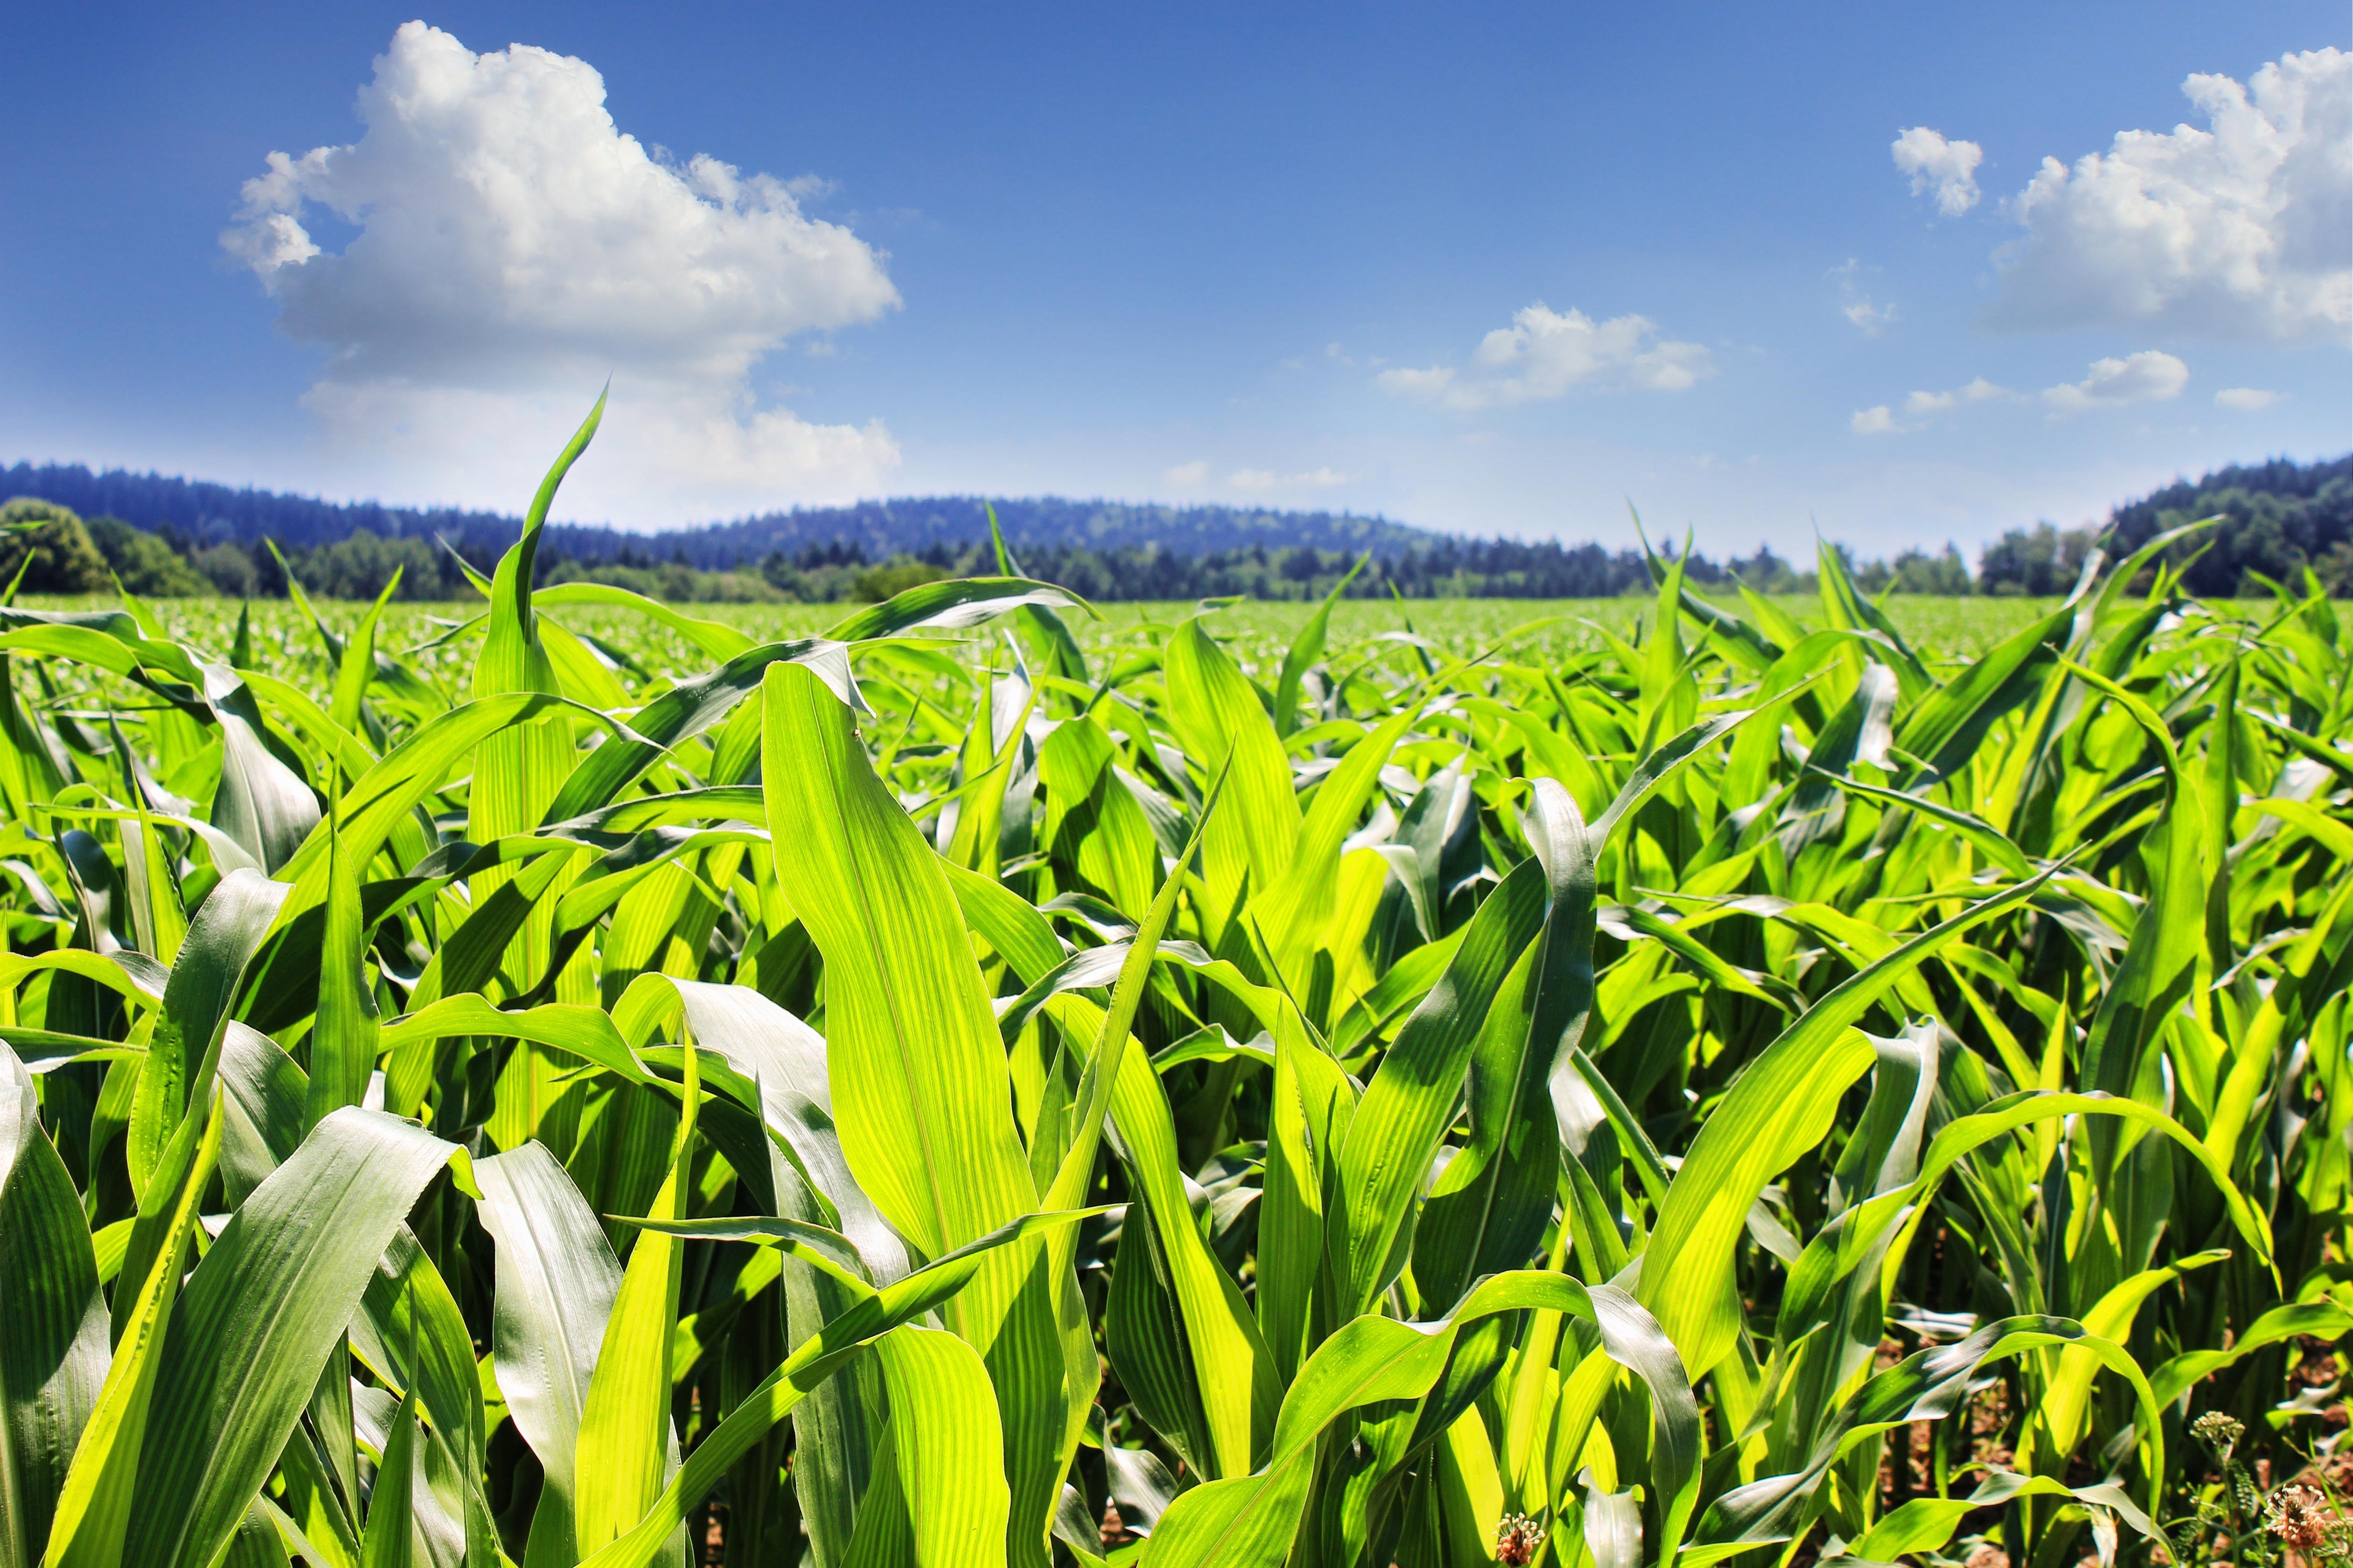 2018/19新季玉米市场行情分析研讨会